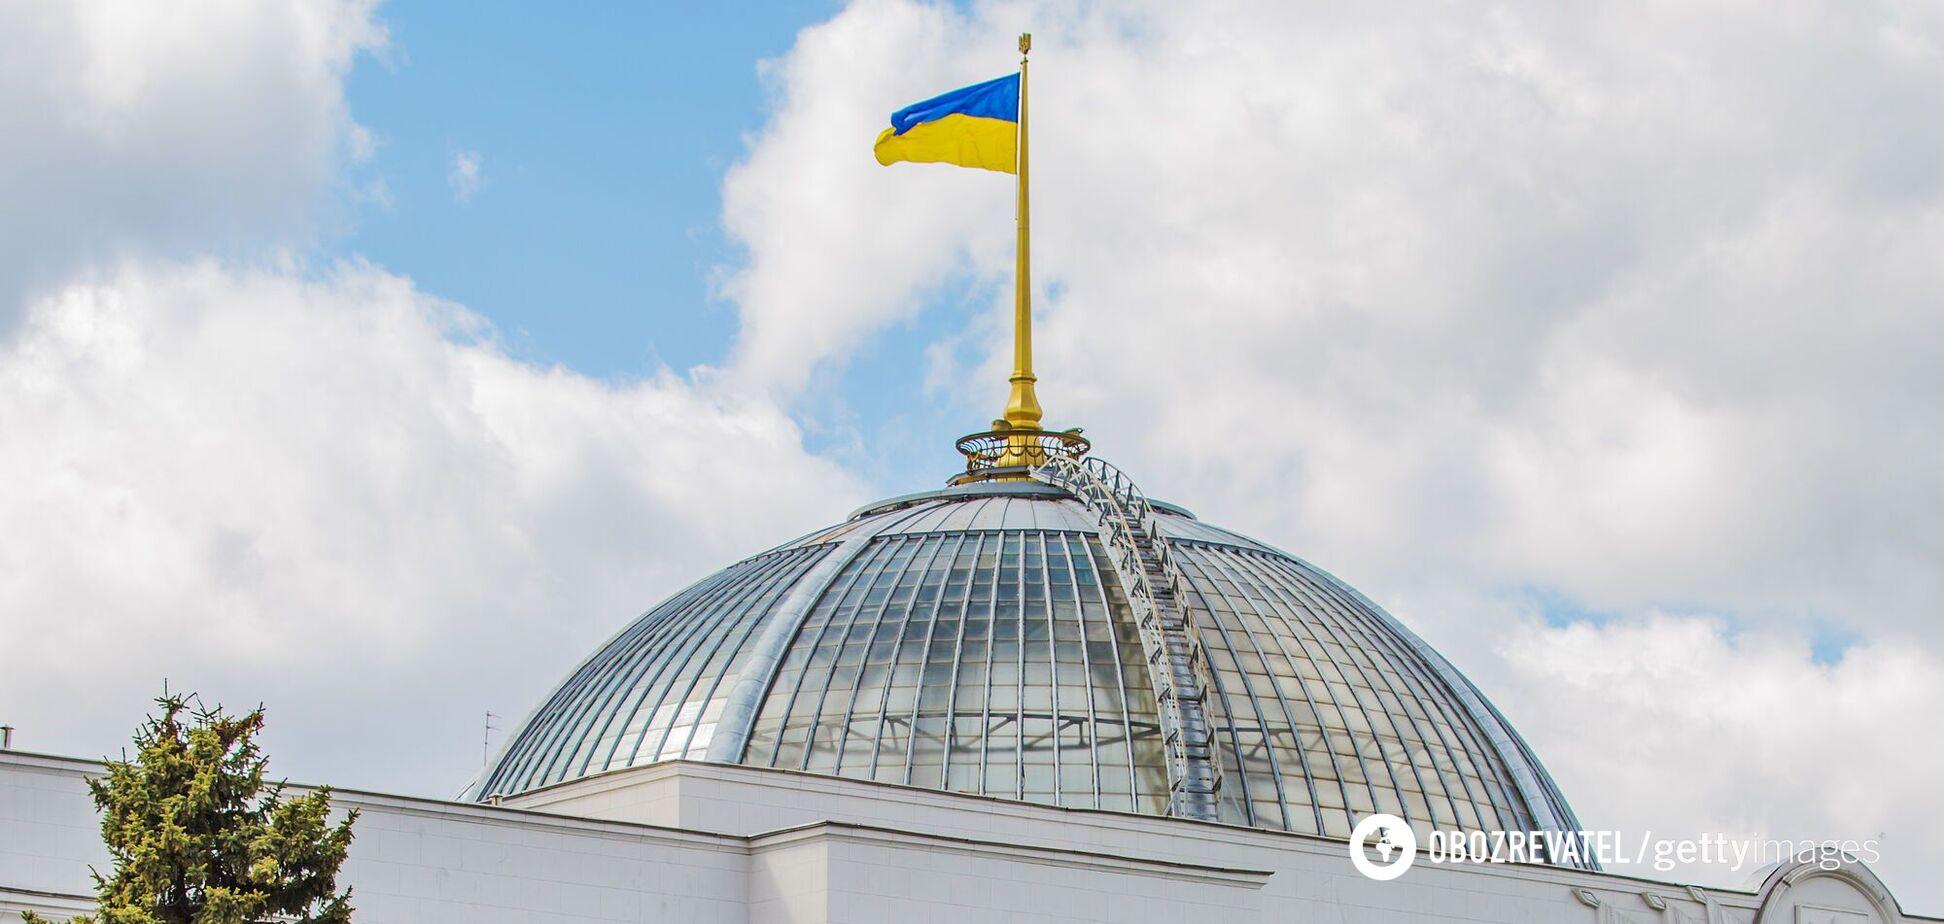 Приватизация в Украине: в 2021 году можно привлечь 12 млрд грн